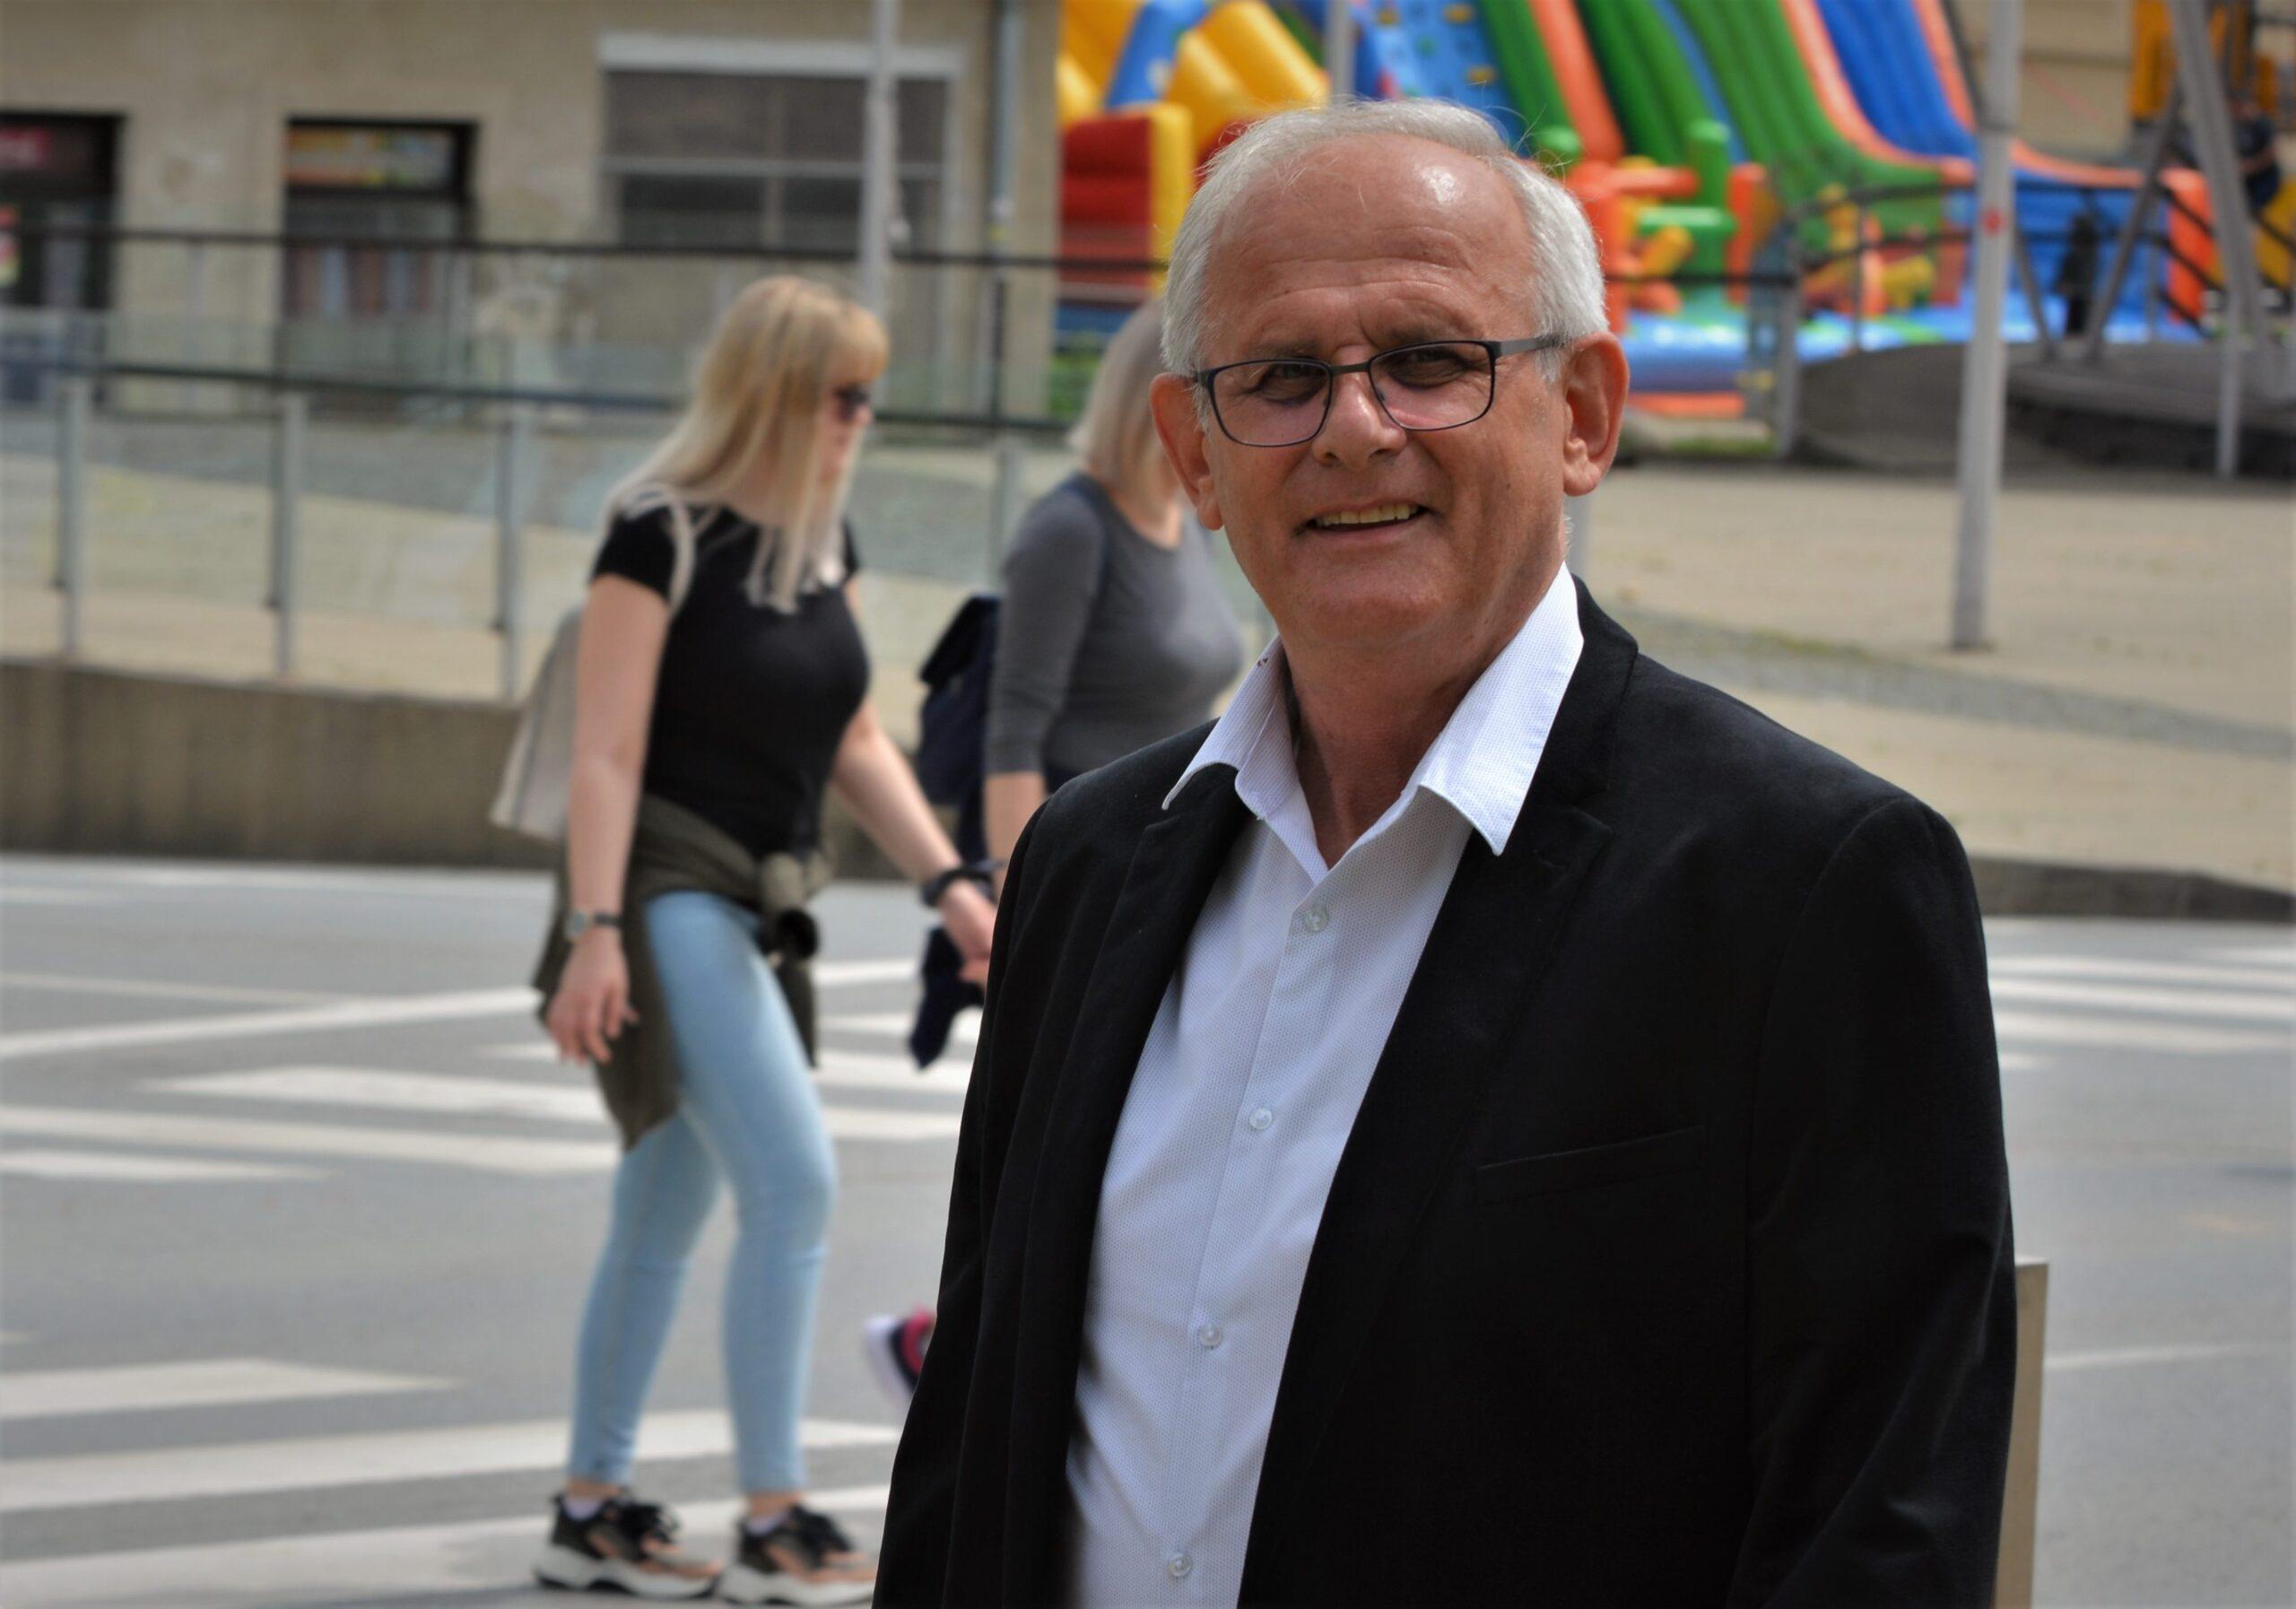 Ivan Majdak – najozbiljniji kandidat za gradonačelnika, od Križevaca stvara mjesto poželjno za život / pogledajte ostvarivi Program!